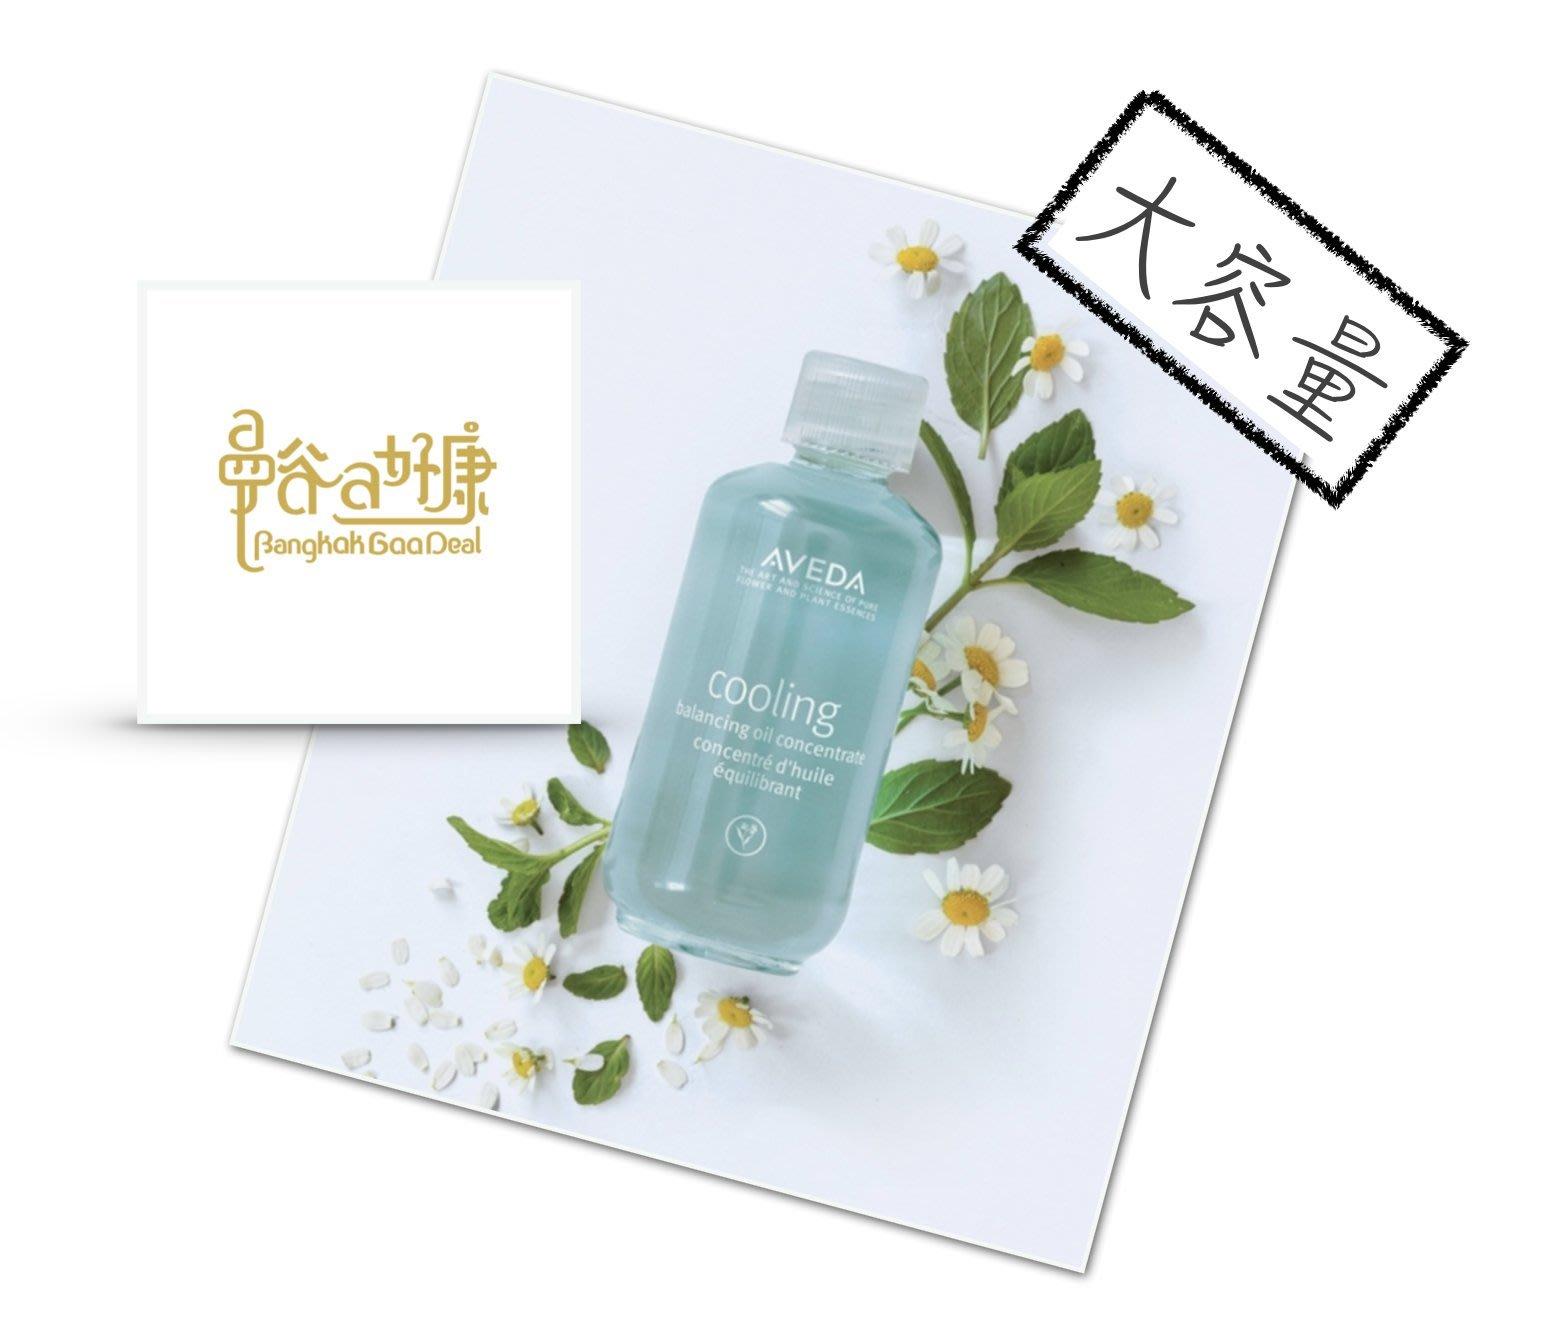 【曼谷A好康】 AVEDA 藍色紓壓純香菁50ml 新版大容量 75折最優惠! 夏天最棒的小藍油